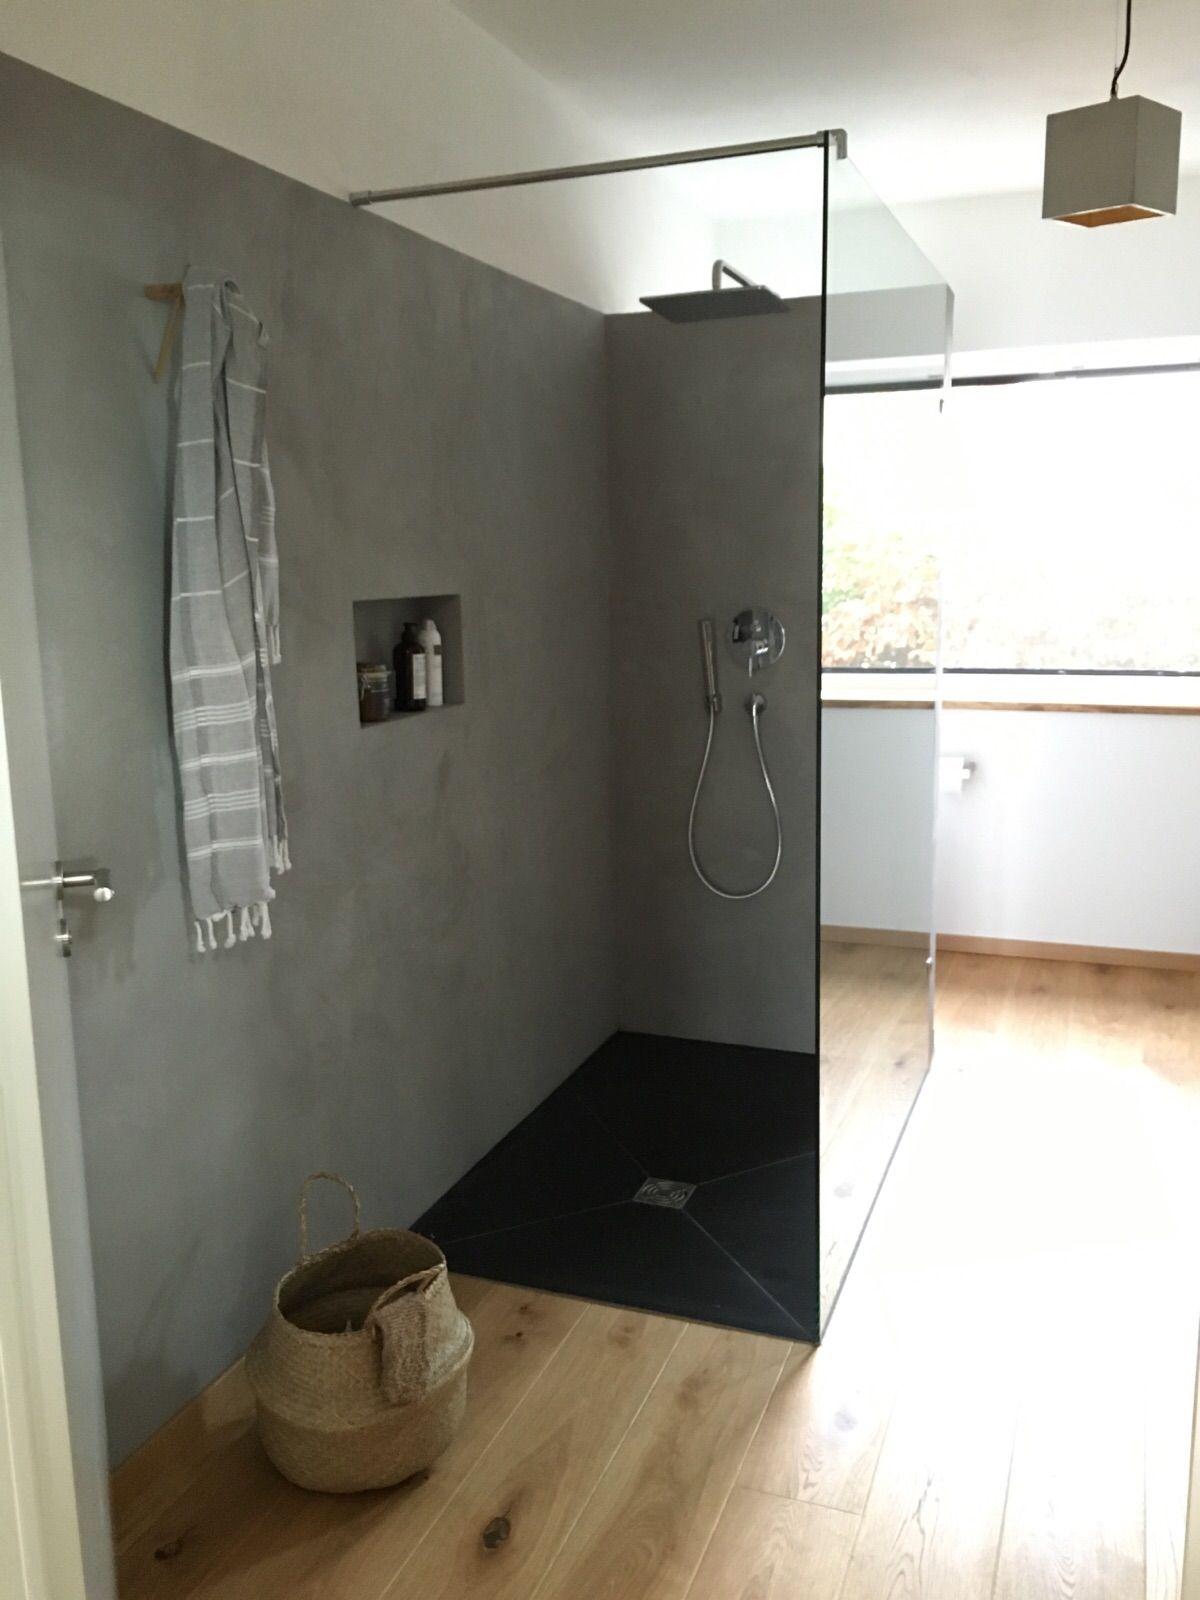 Holz Im Nassbereich beton und holz im bad 2 bath